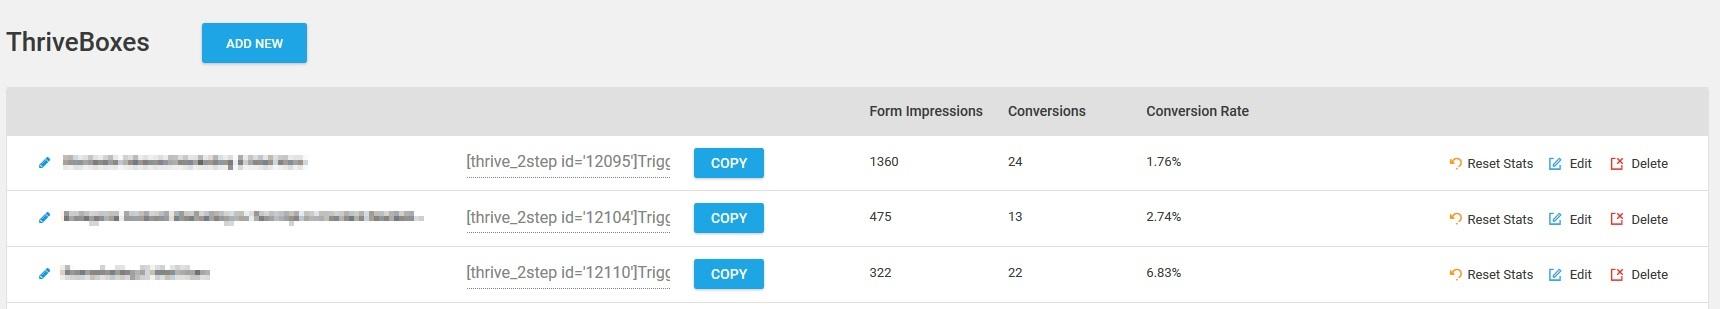 Die 3 besten E-Mail Opt-In Plugins für WordPress - ThriveLeads - 1 Thrive Boxes Statistics